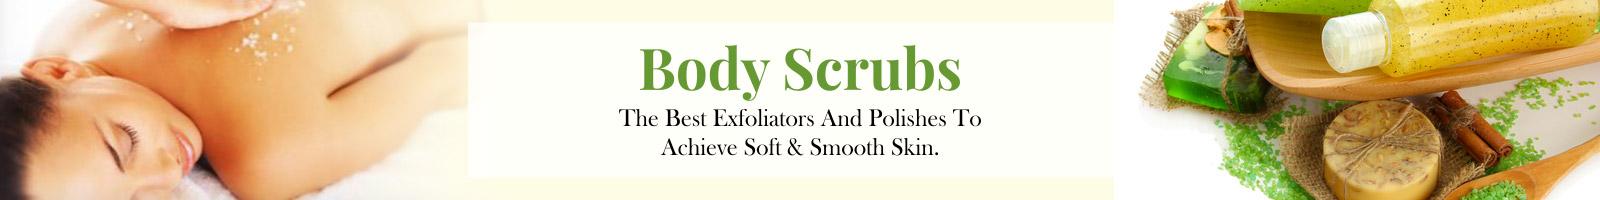 Body Polishers, Exfoliators & Scrubs